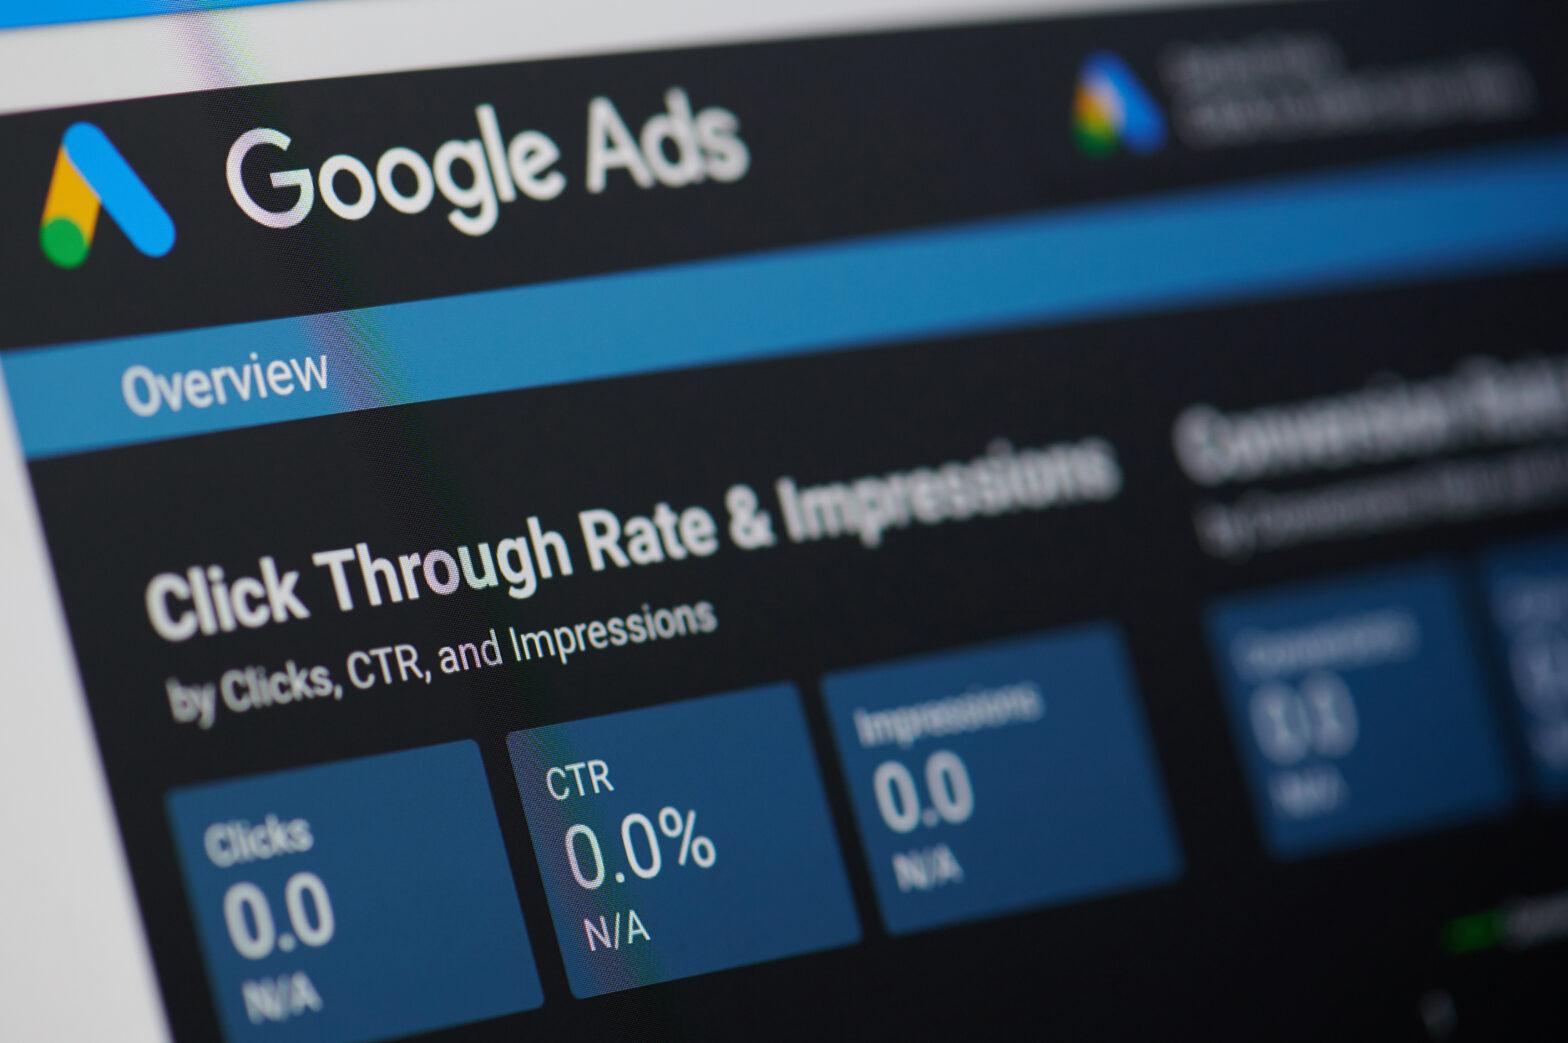 Google Ads data dashboard